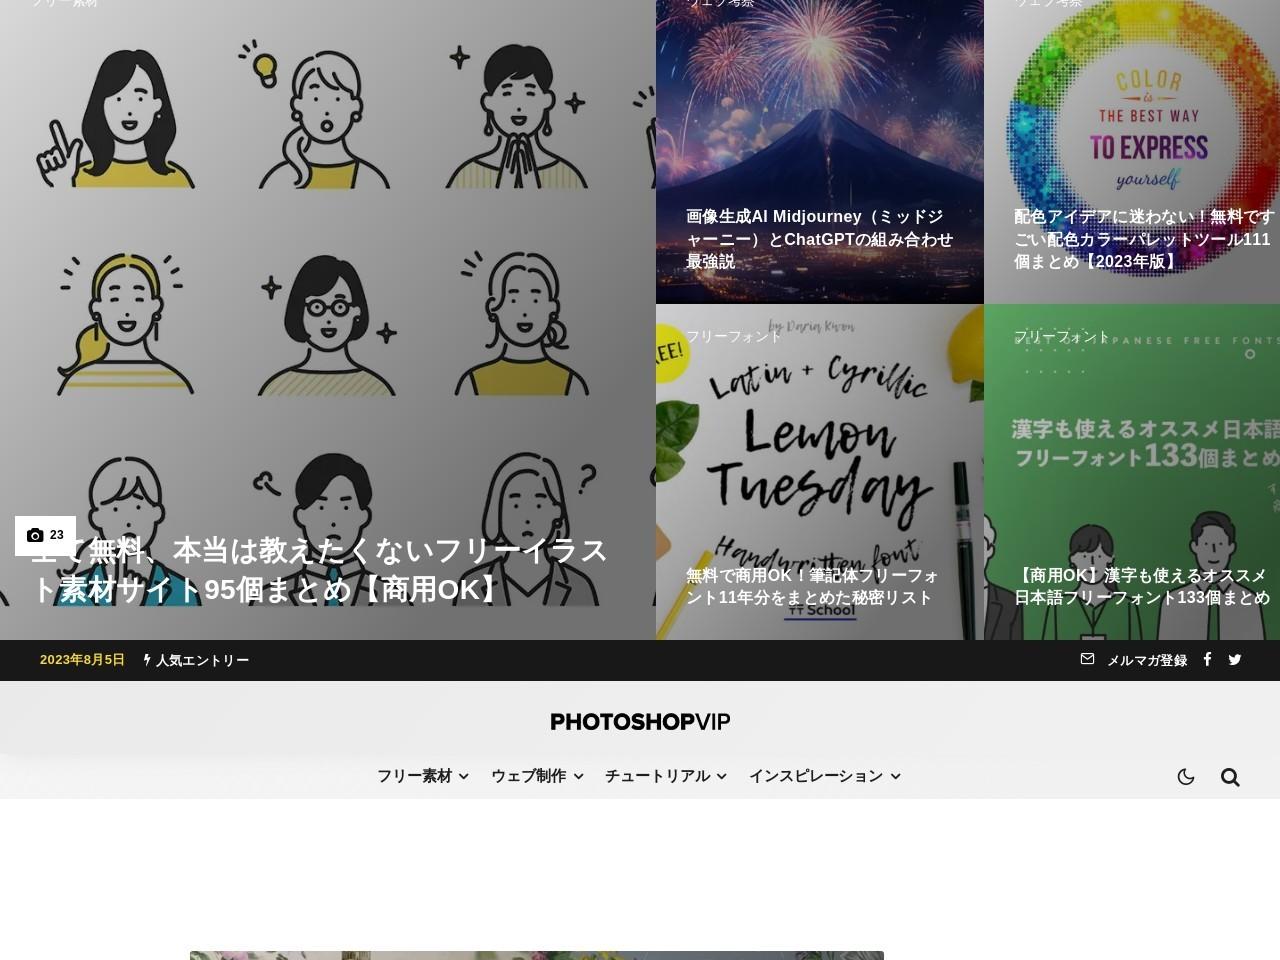 http://photoshopvip.net/wp-content/uploads/2013/01/text-effect-tutorials-35.jpg